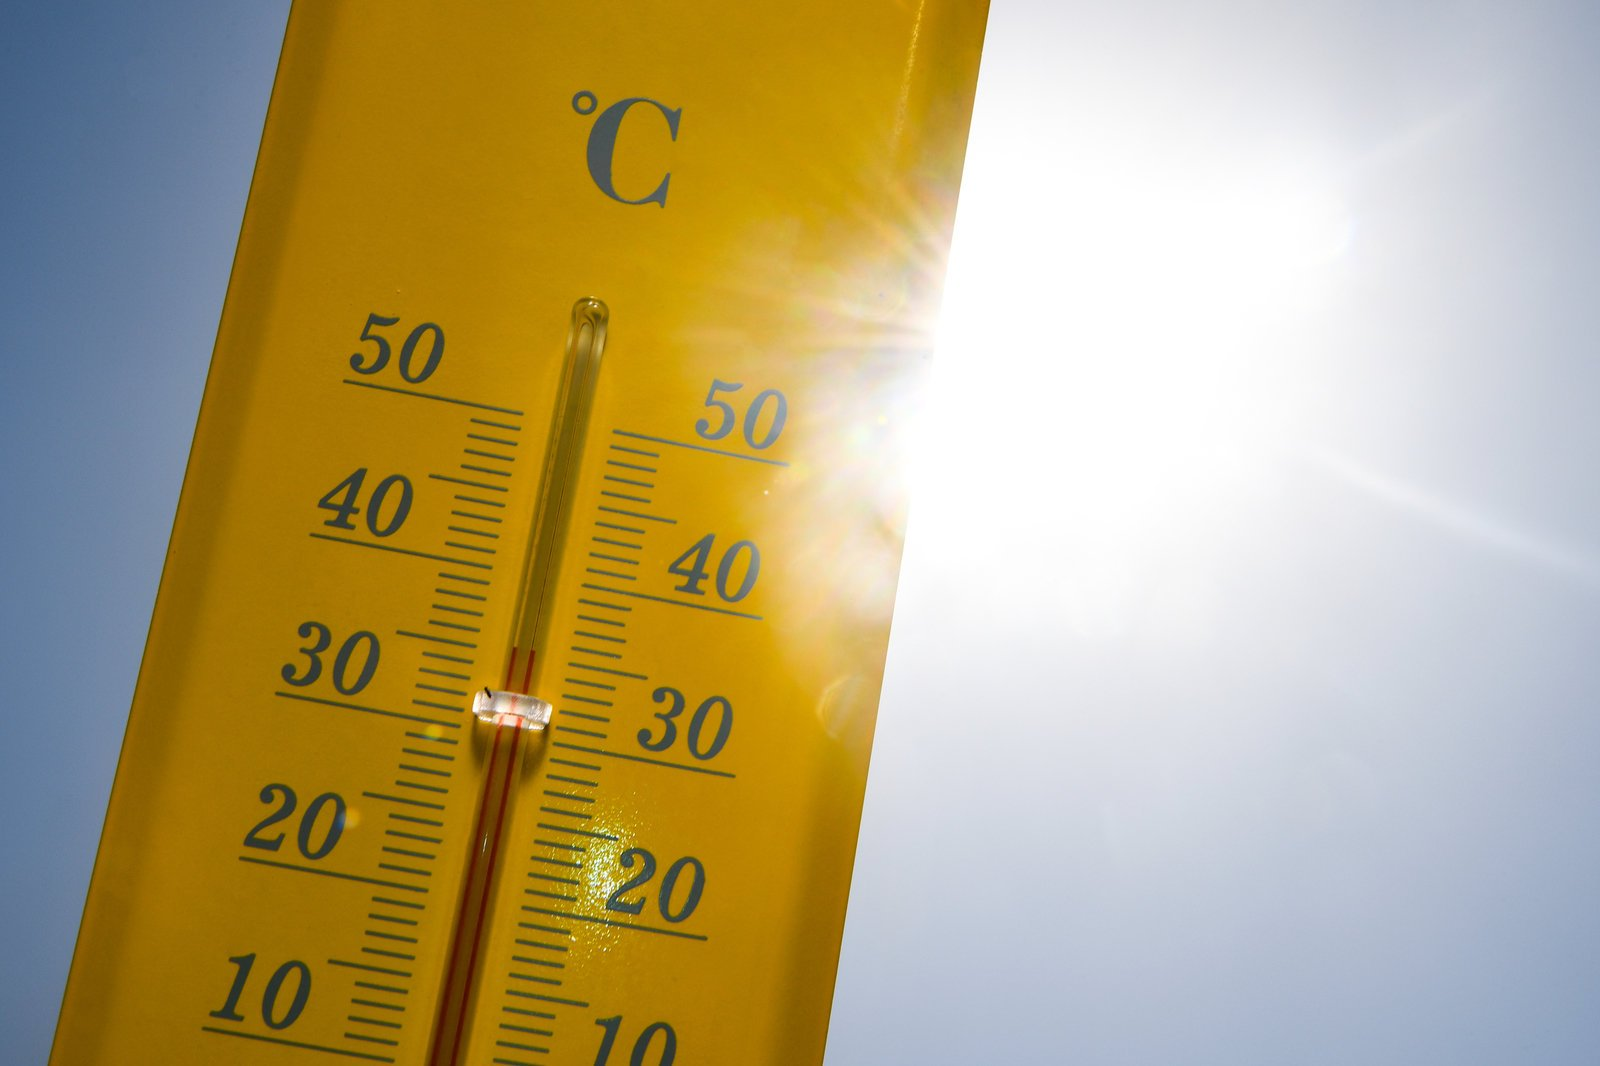 Der Temperaturanstieg ist ungleich verteilt